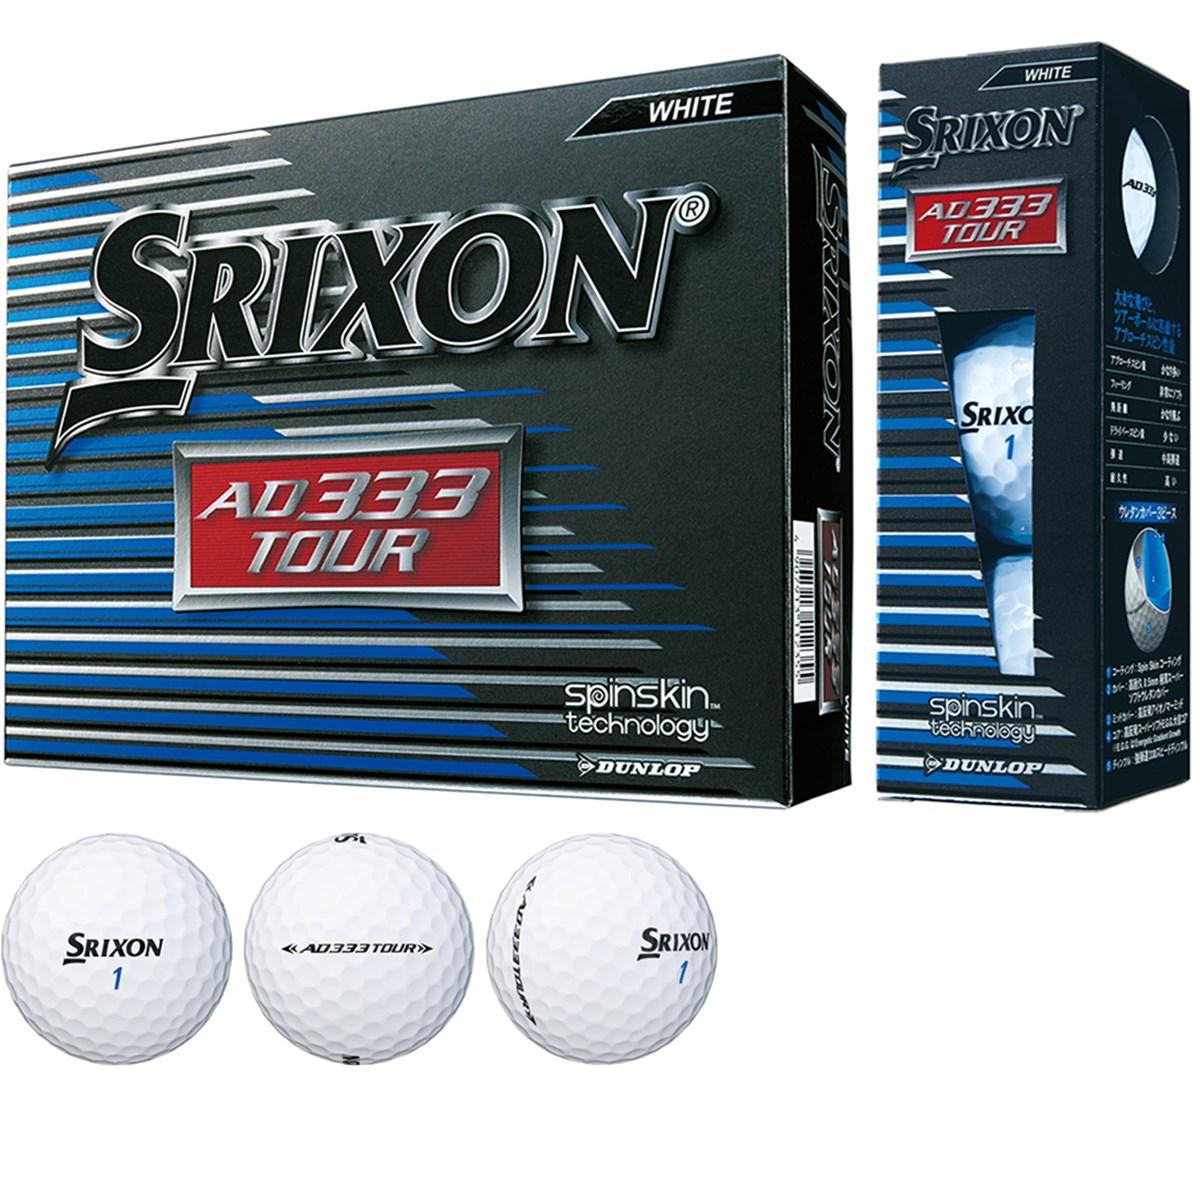 ダンロップ SRIXON スリクソン AD333 TOUR ボール 1ダース(12個入り) ホワイト